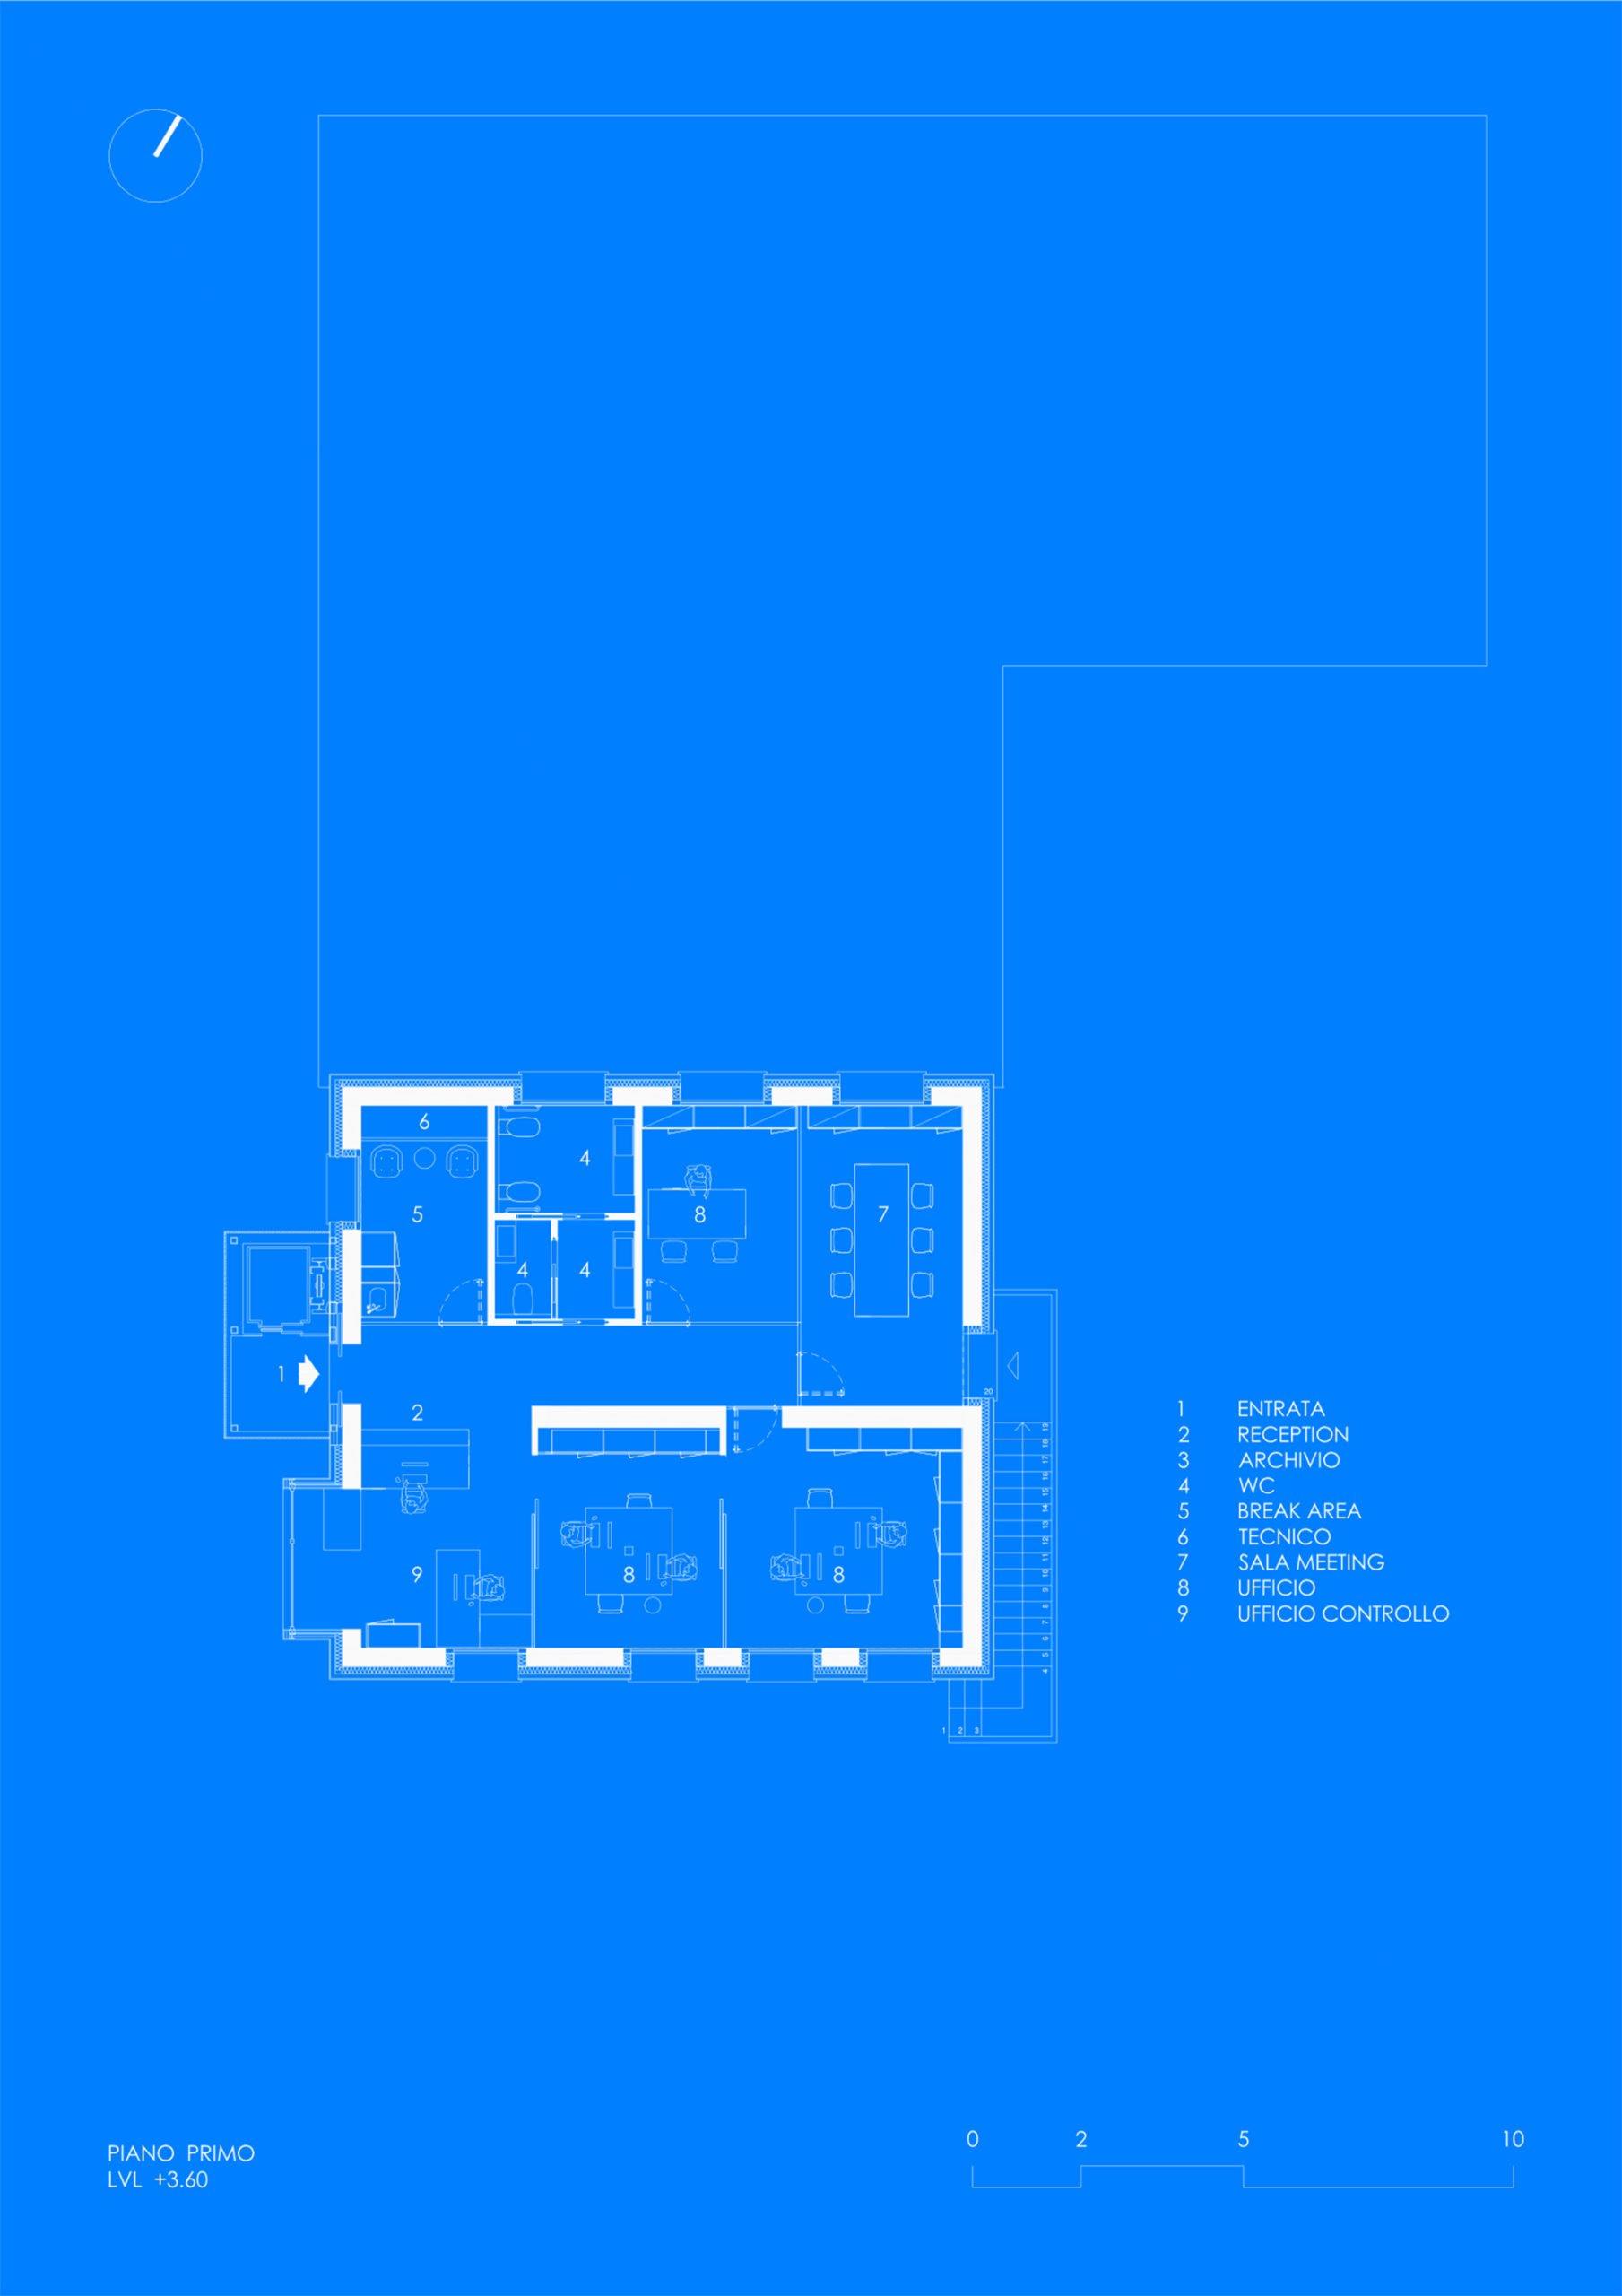 MAURISTUDIO-umberto-mauri-mauri-studio-bosisio-parini-New-Office-Building-Bosisio-Parini-Lecco-work-in-progress-Ventilated-Facade_final_01_2000